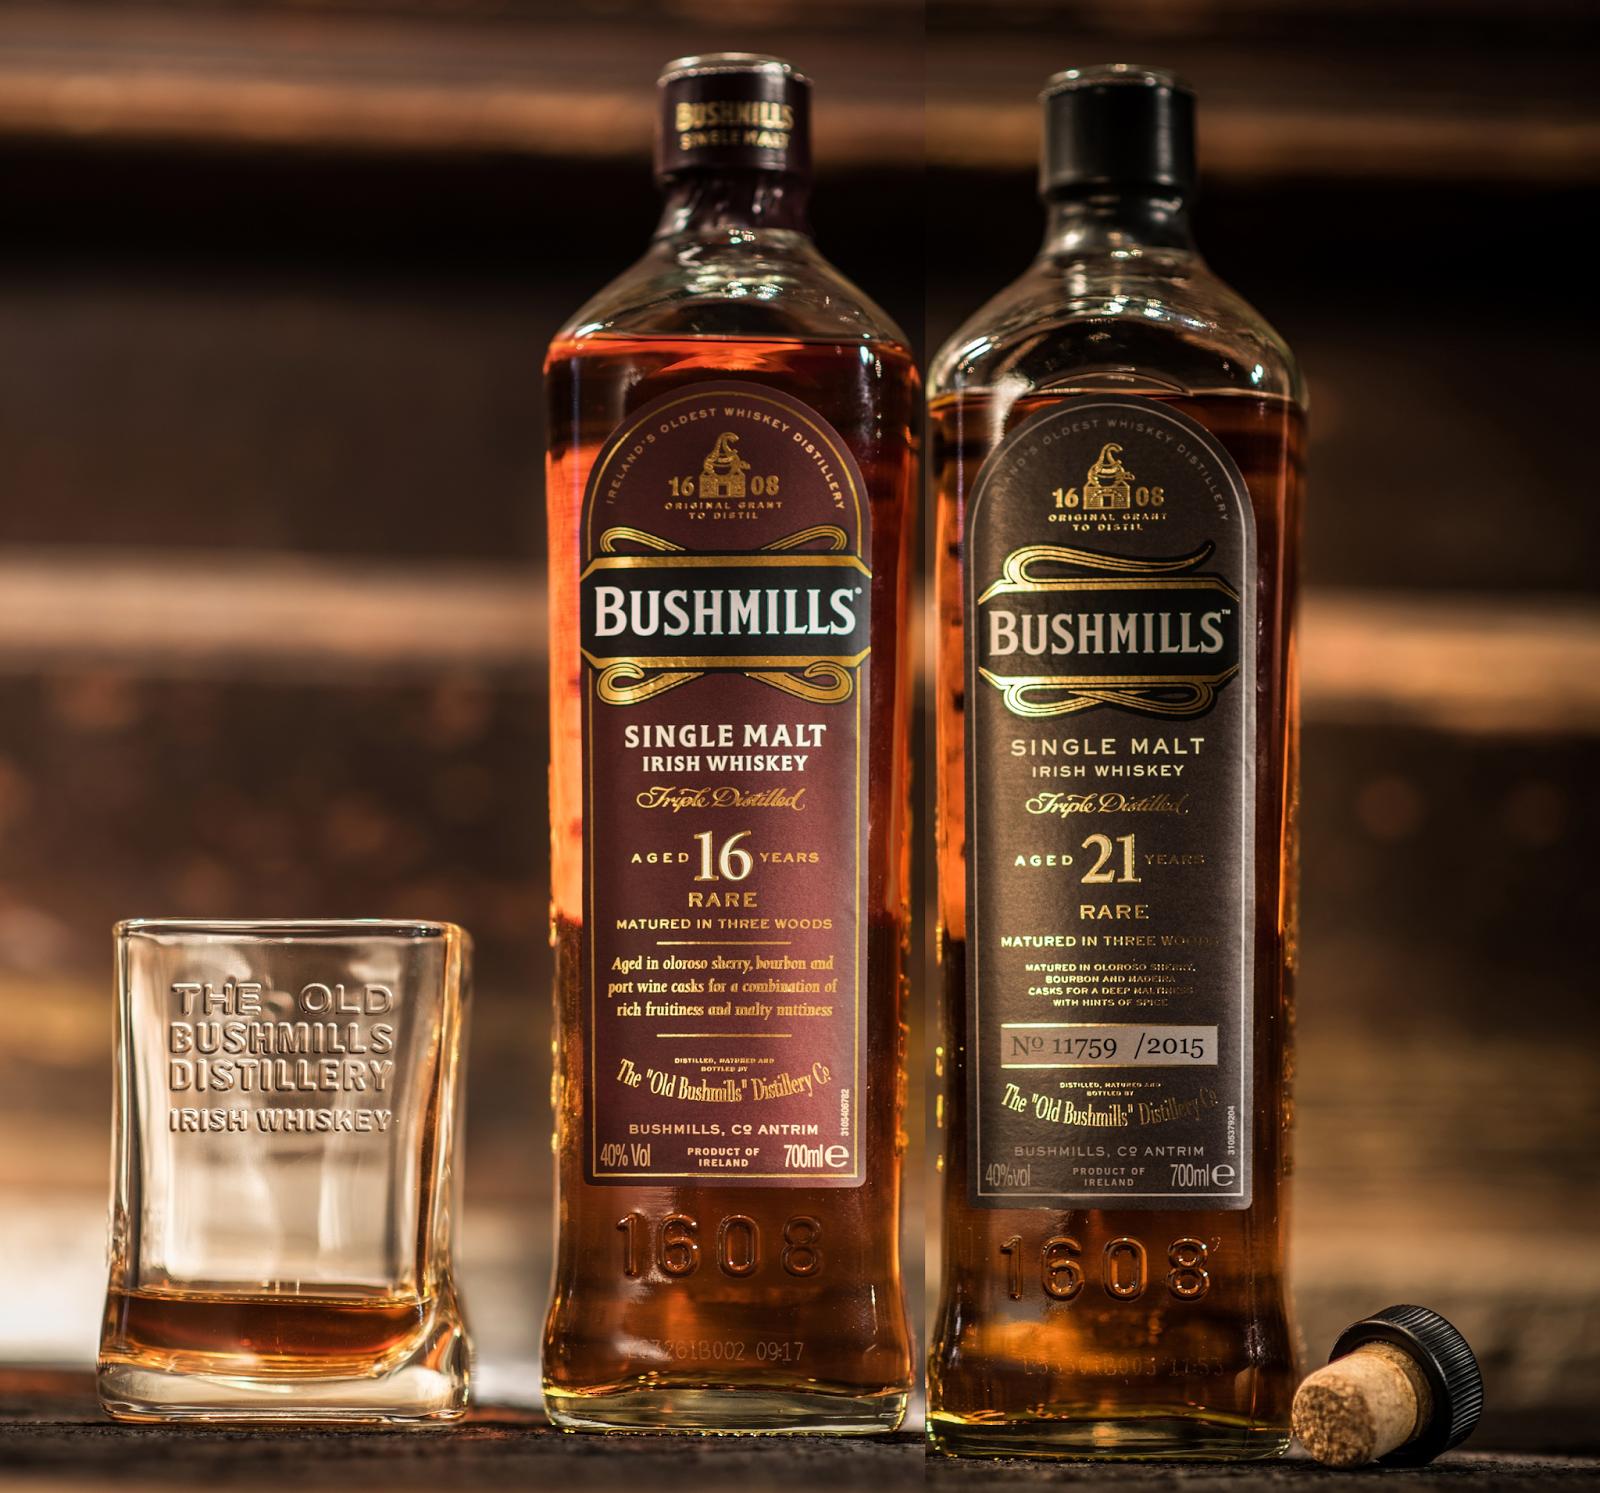 Виски bushmills (бушмилс) - древнейший ирландский виски